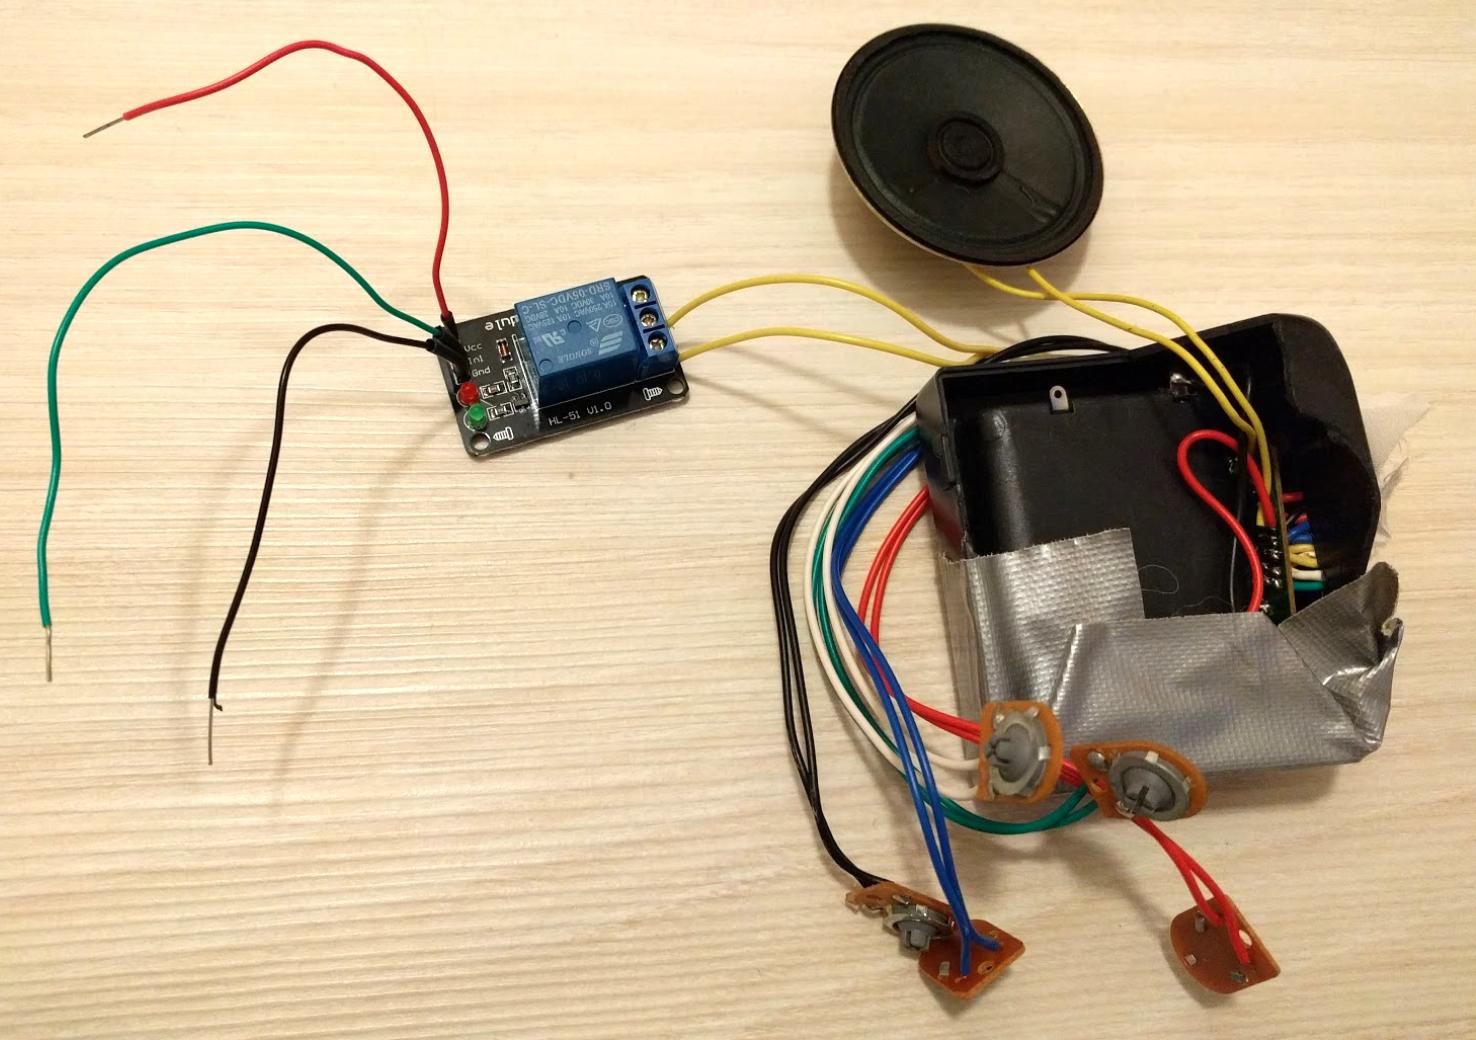 Kuvassa on puretun lelun elektroniikkaa. Lelussa on useita kytkimiä (harmaat napit ruskealla pohjalla). Yksi näistä on irrotettu ja jäljelle jääneet keltaiset johdot on kytketty releeseen. Lelussa on omat paristot sisällä.